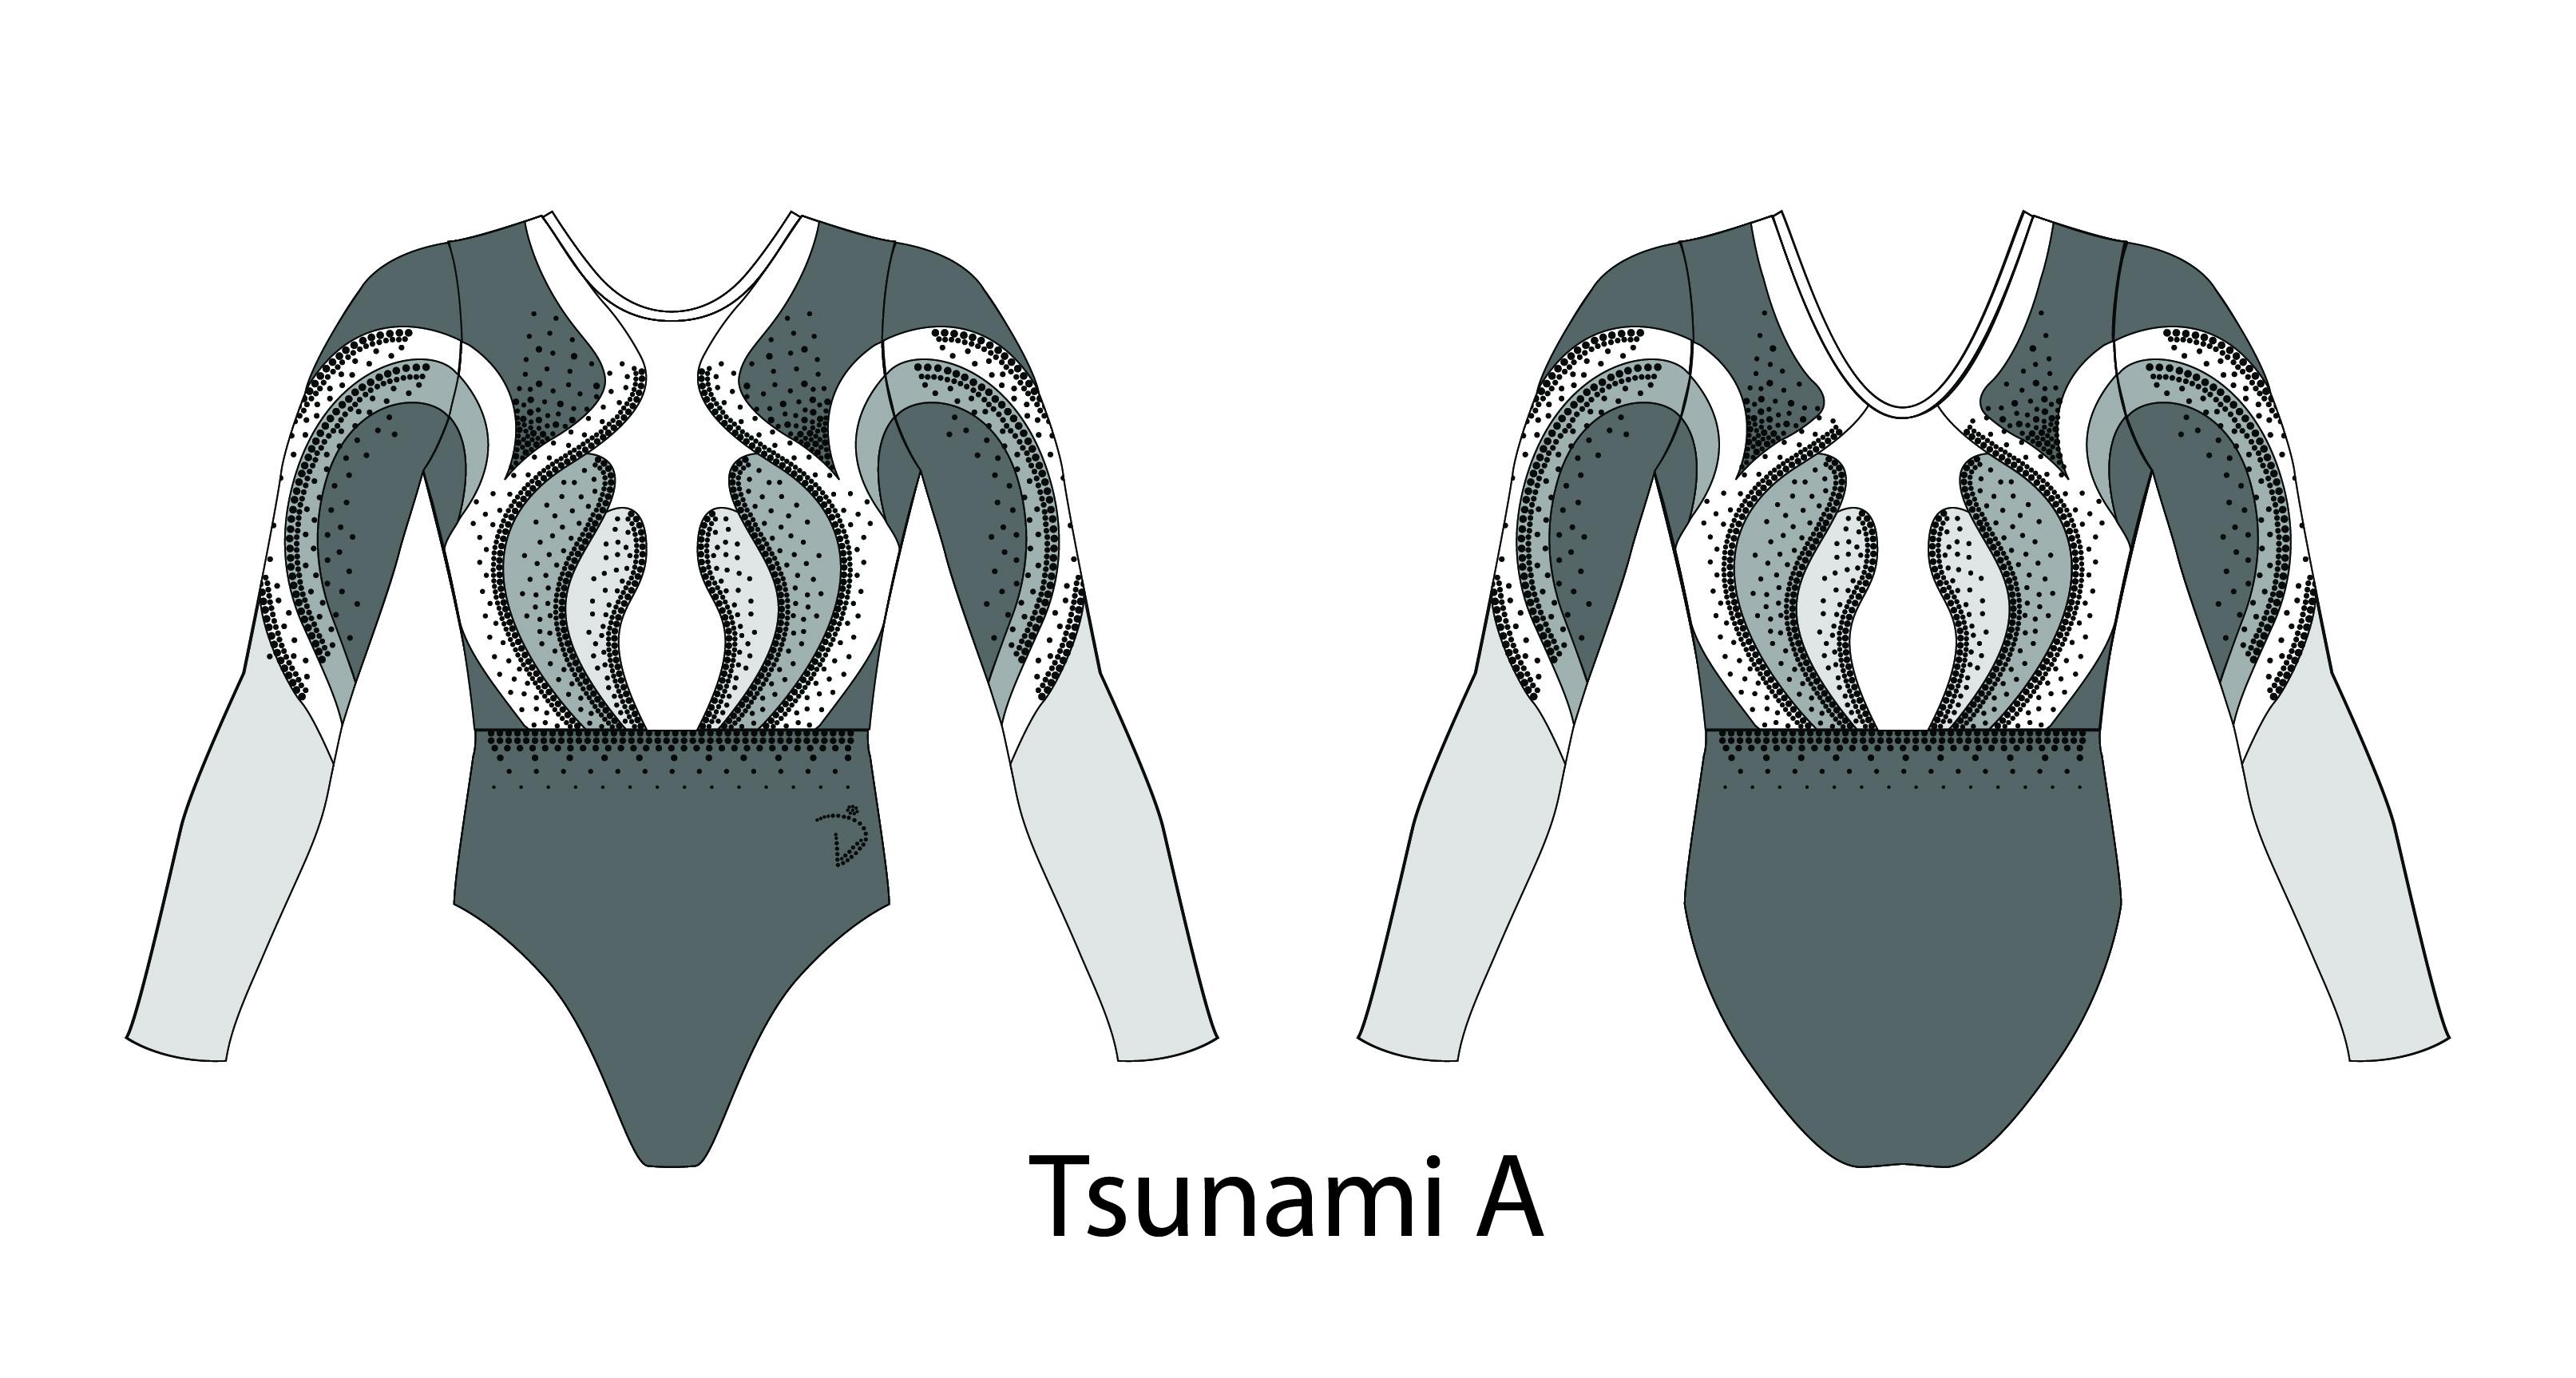 Tsunami A